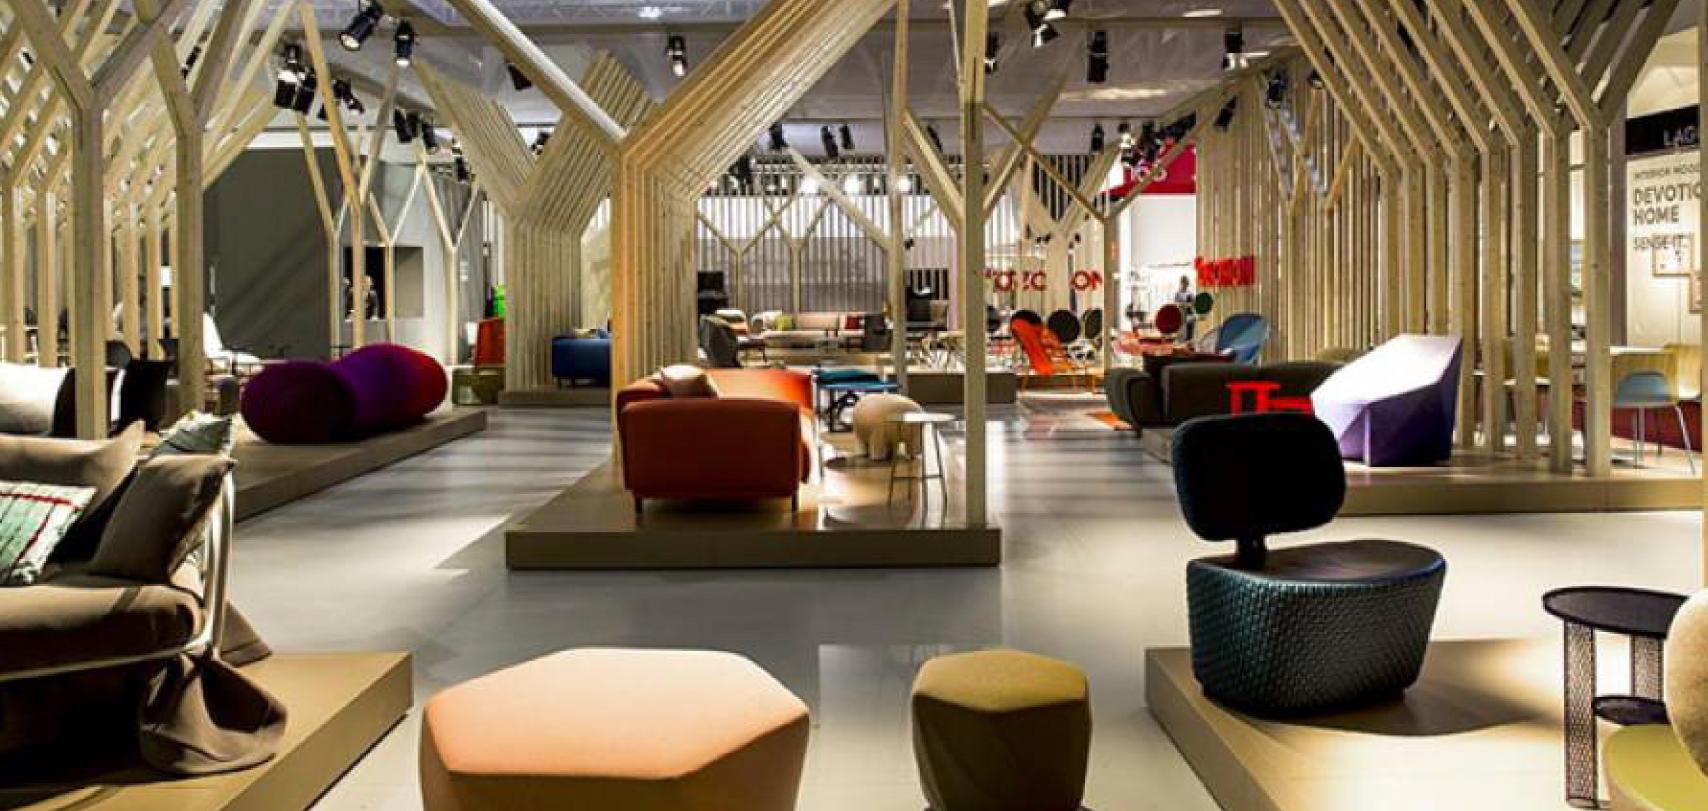 visione d'insieme salone del mobile Milano 2021